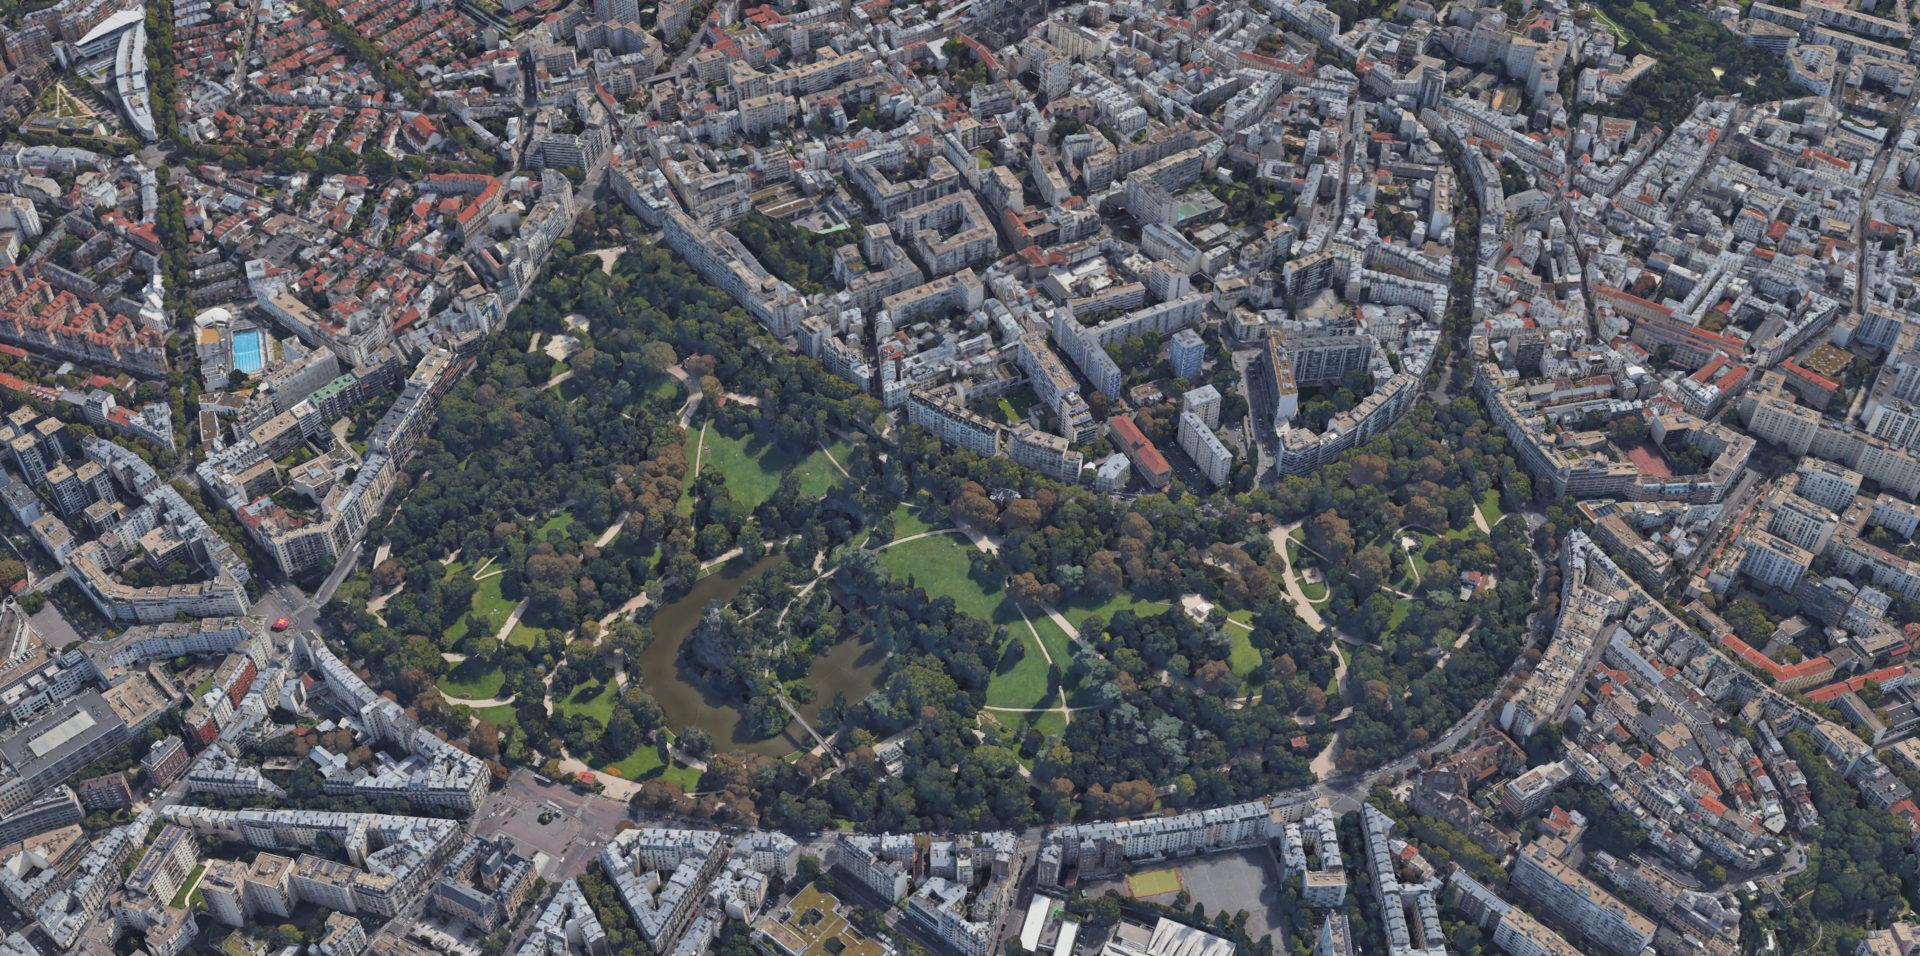 Vue aérienne sur le Parc des Buttes-Chaumont © Google Earth